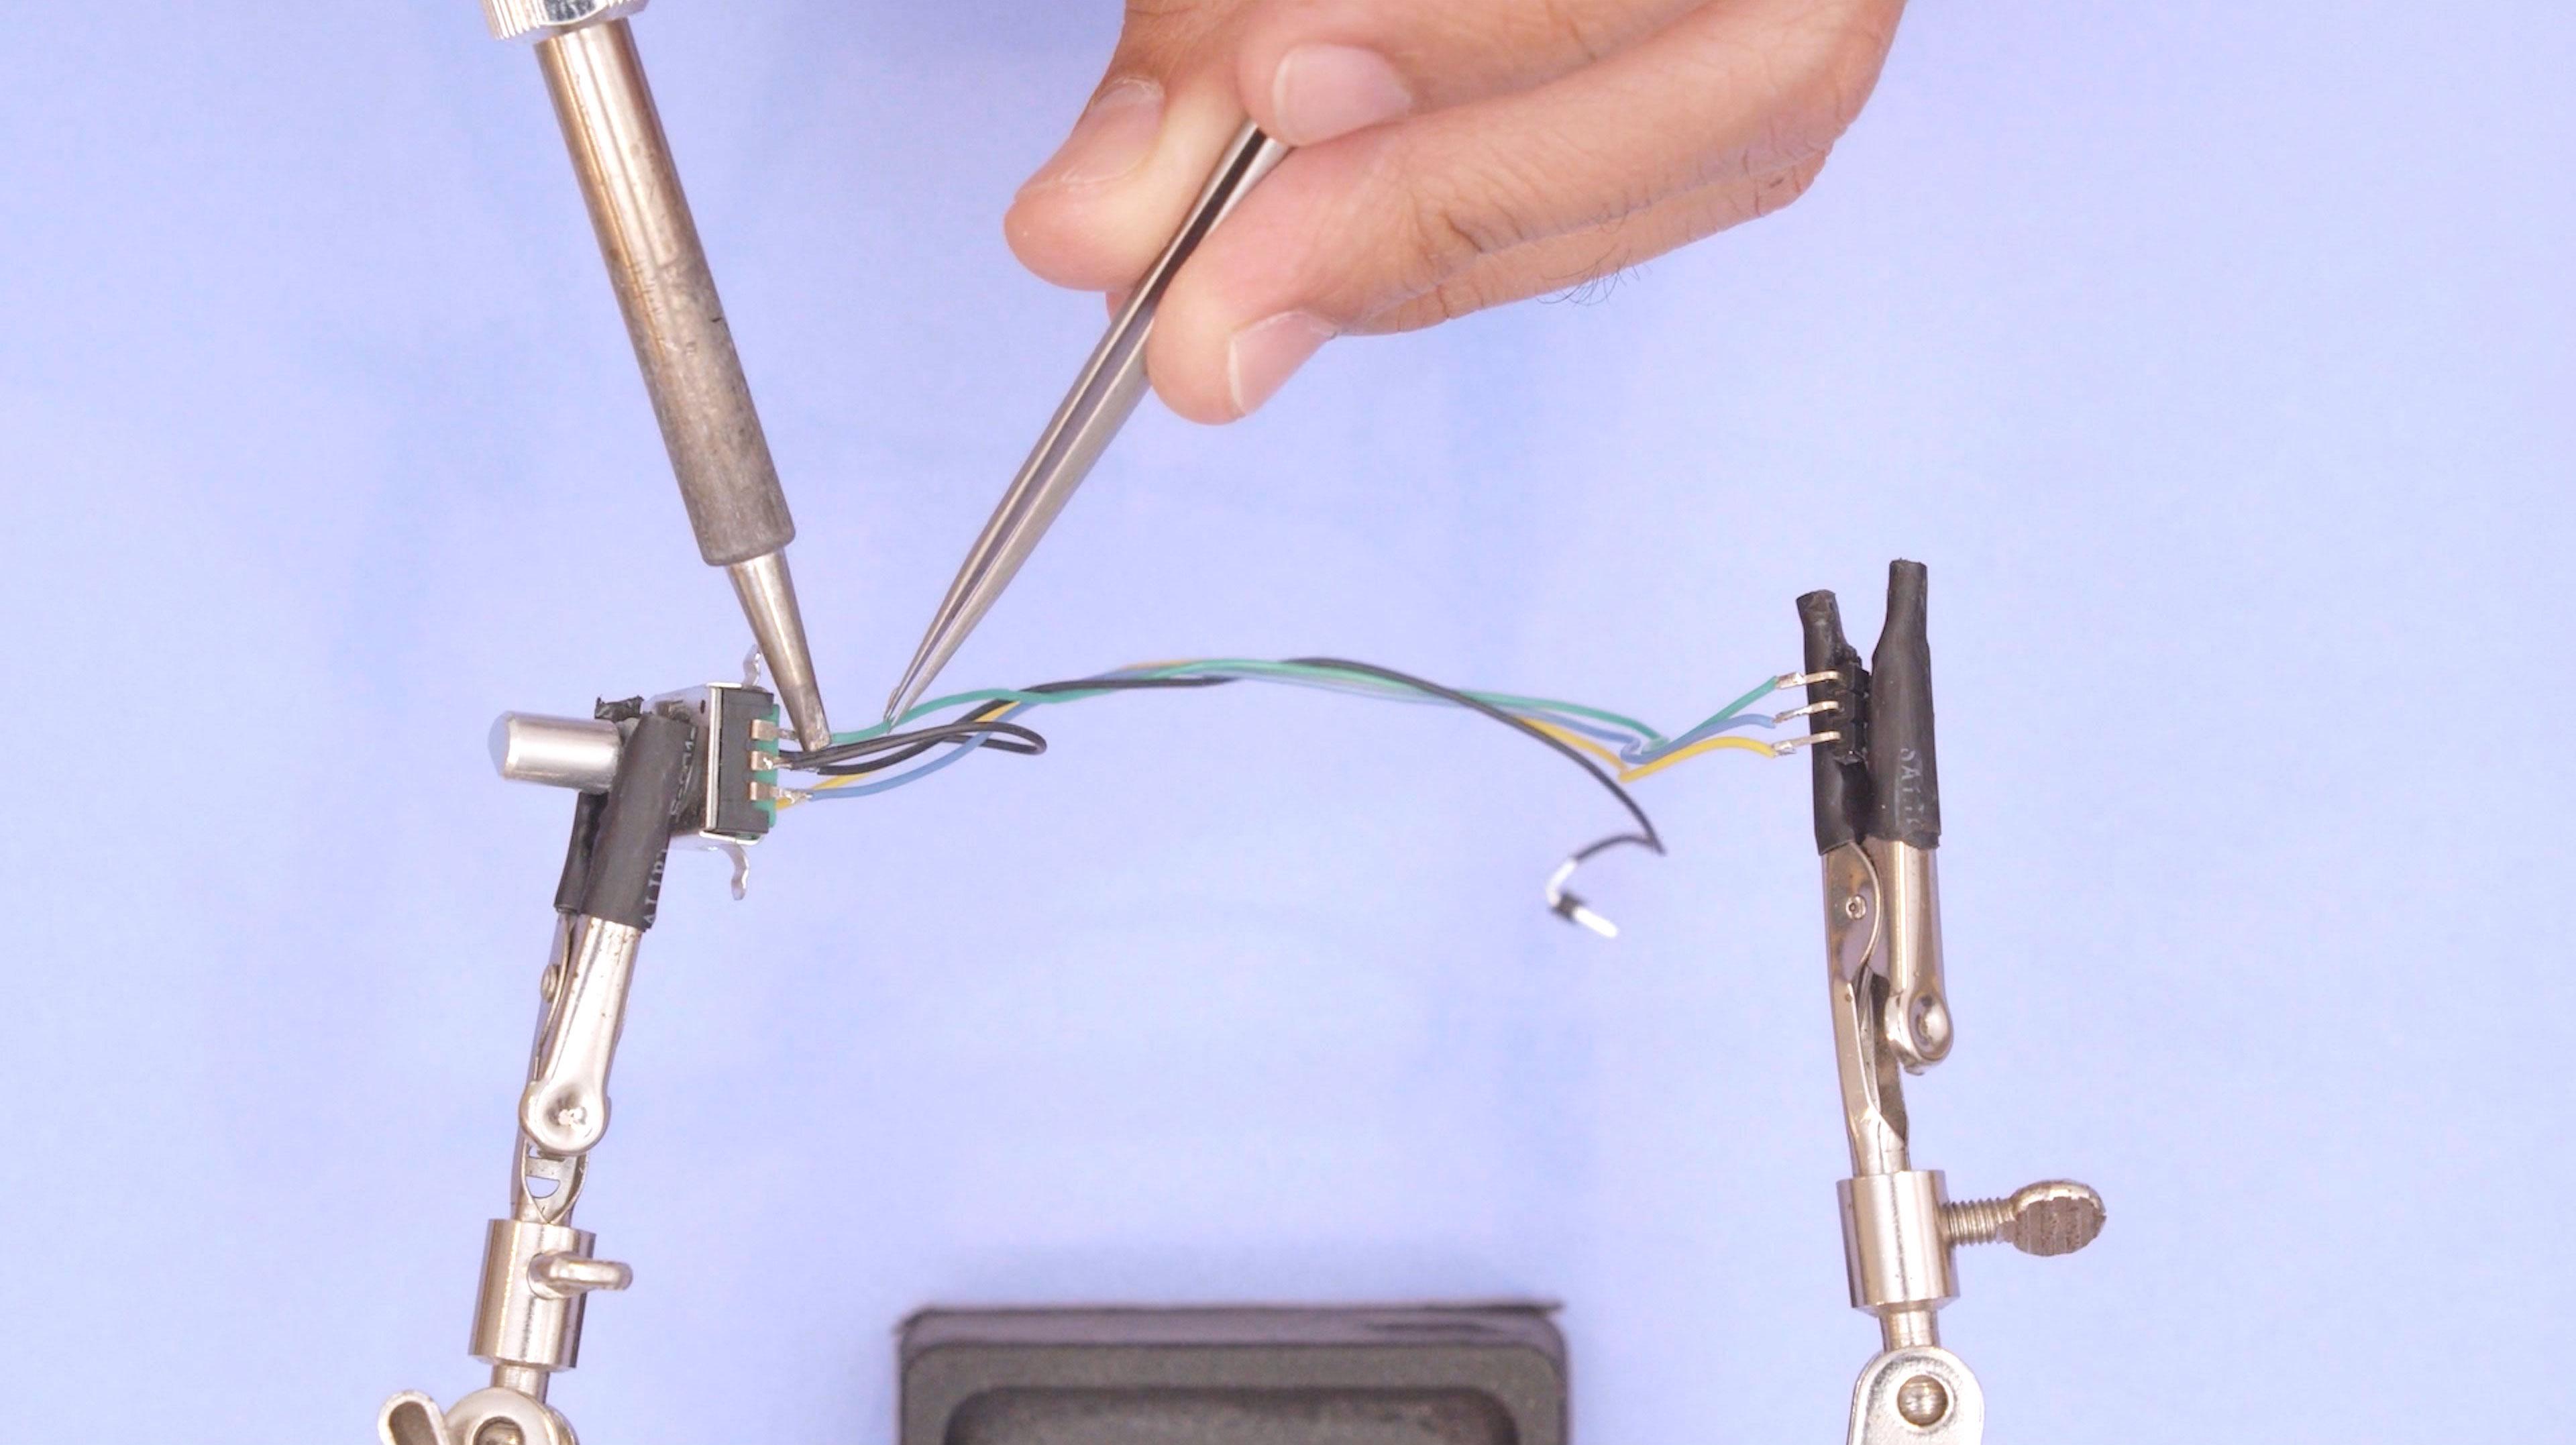 3d_printing_headers-soldering.jpg